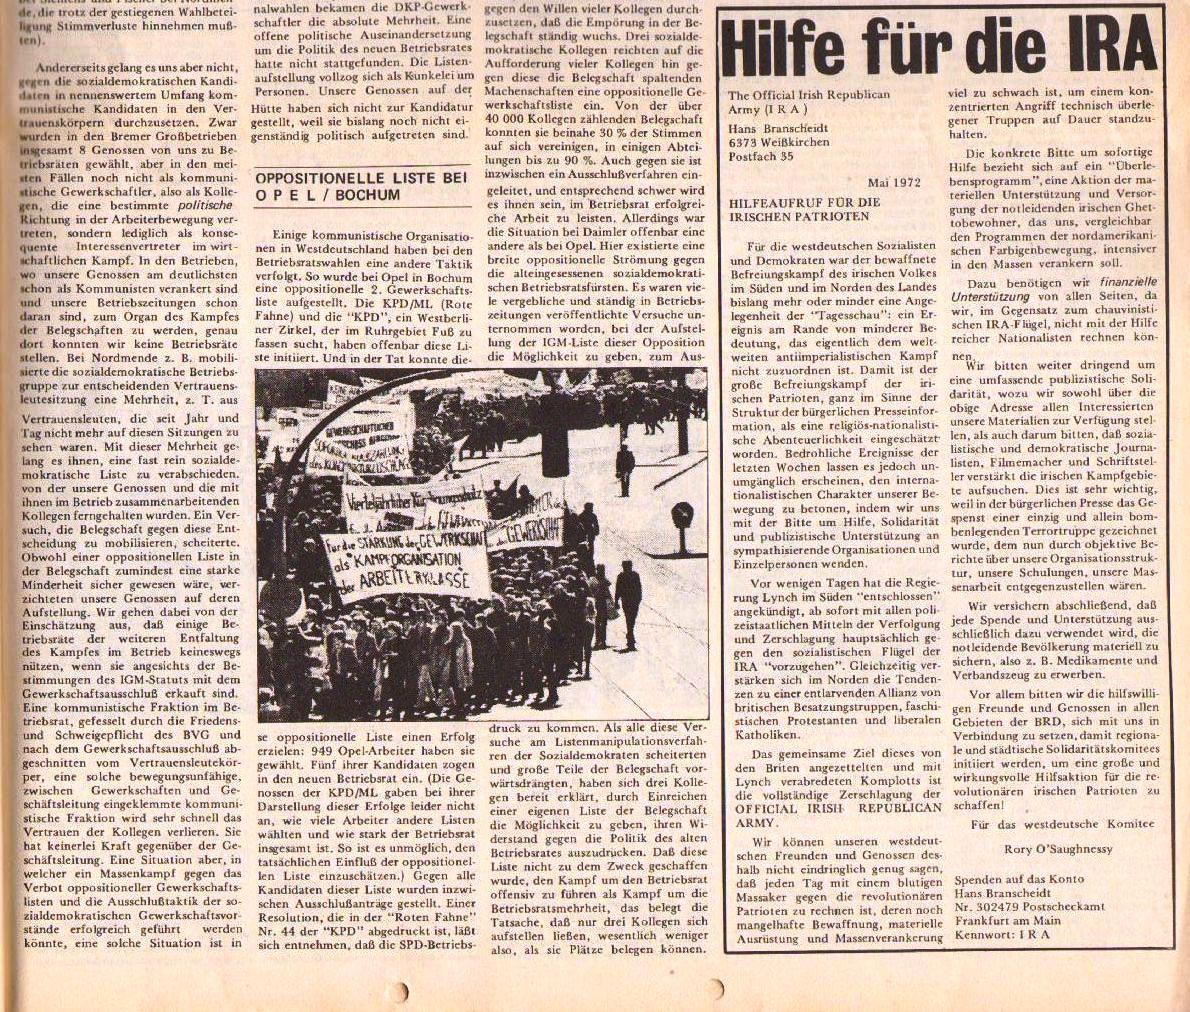 Wahrheit_1972_05_14